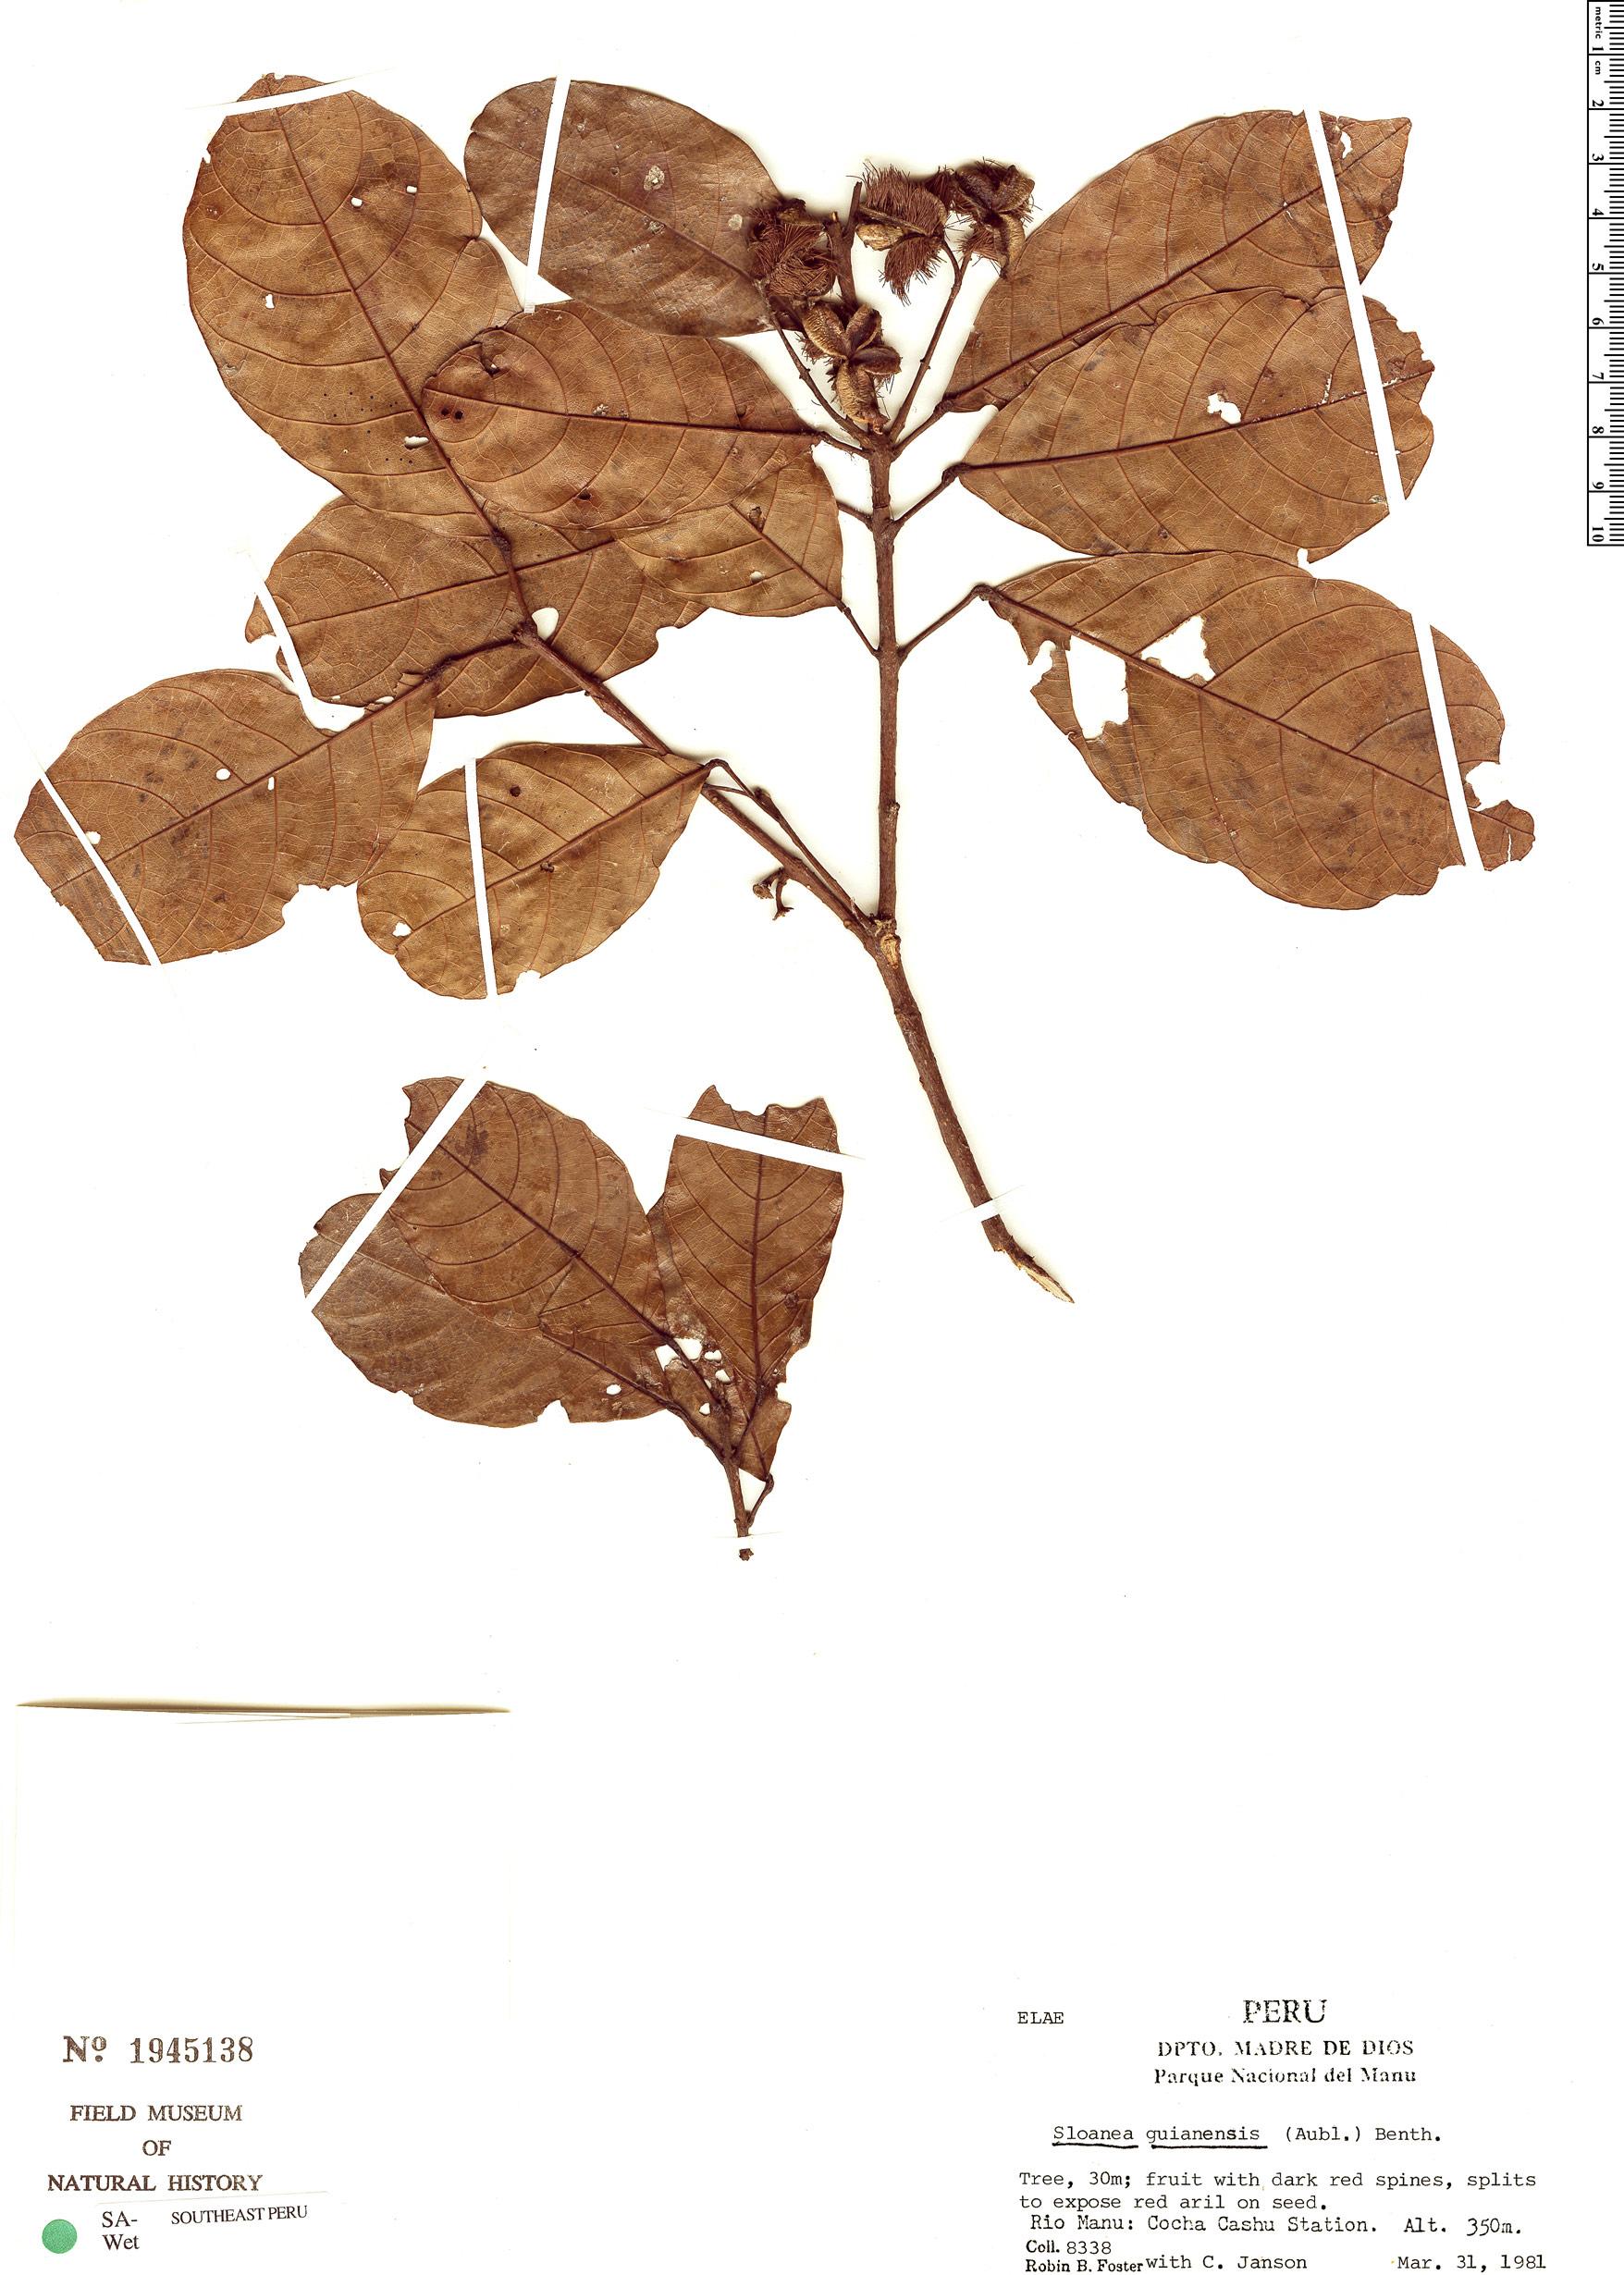 Specimen: Sloanea guianensis